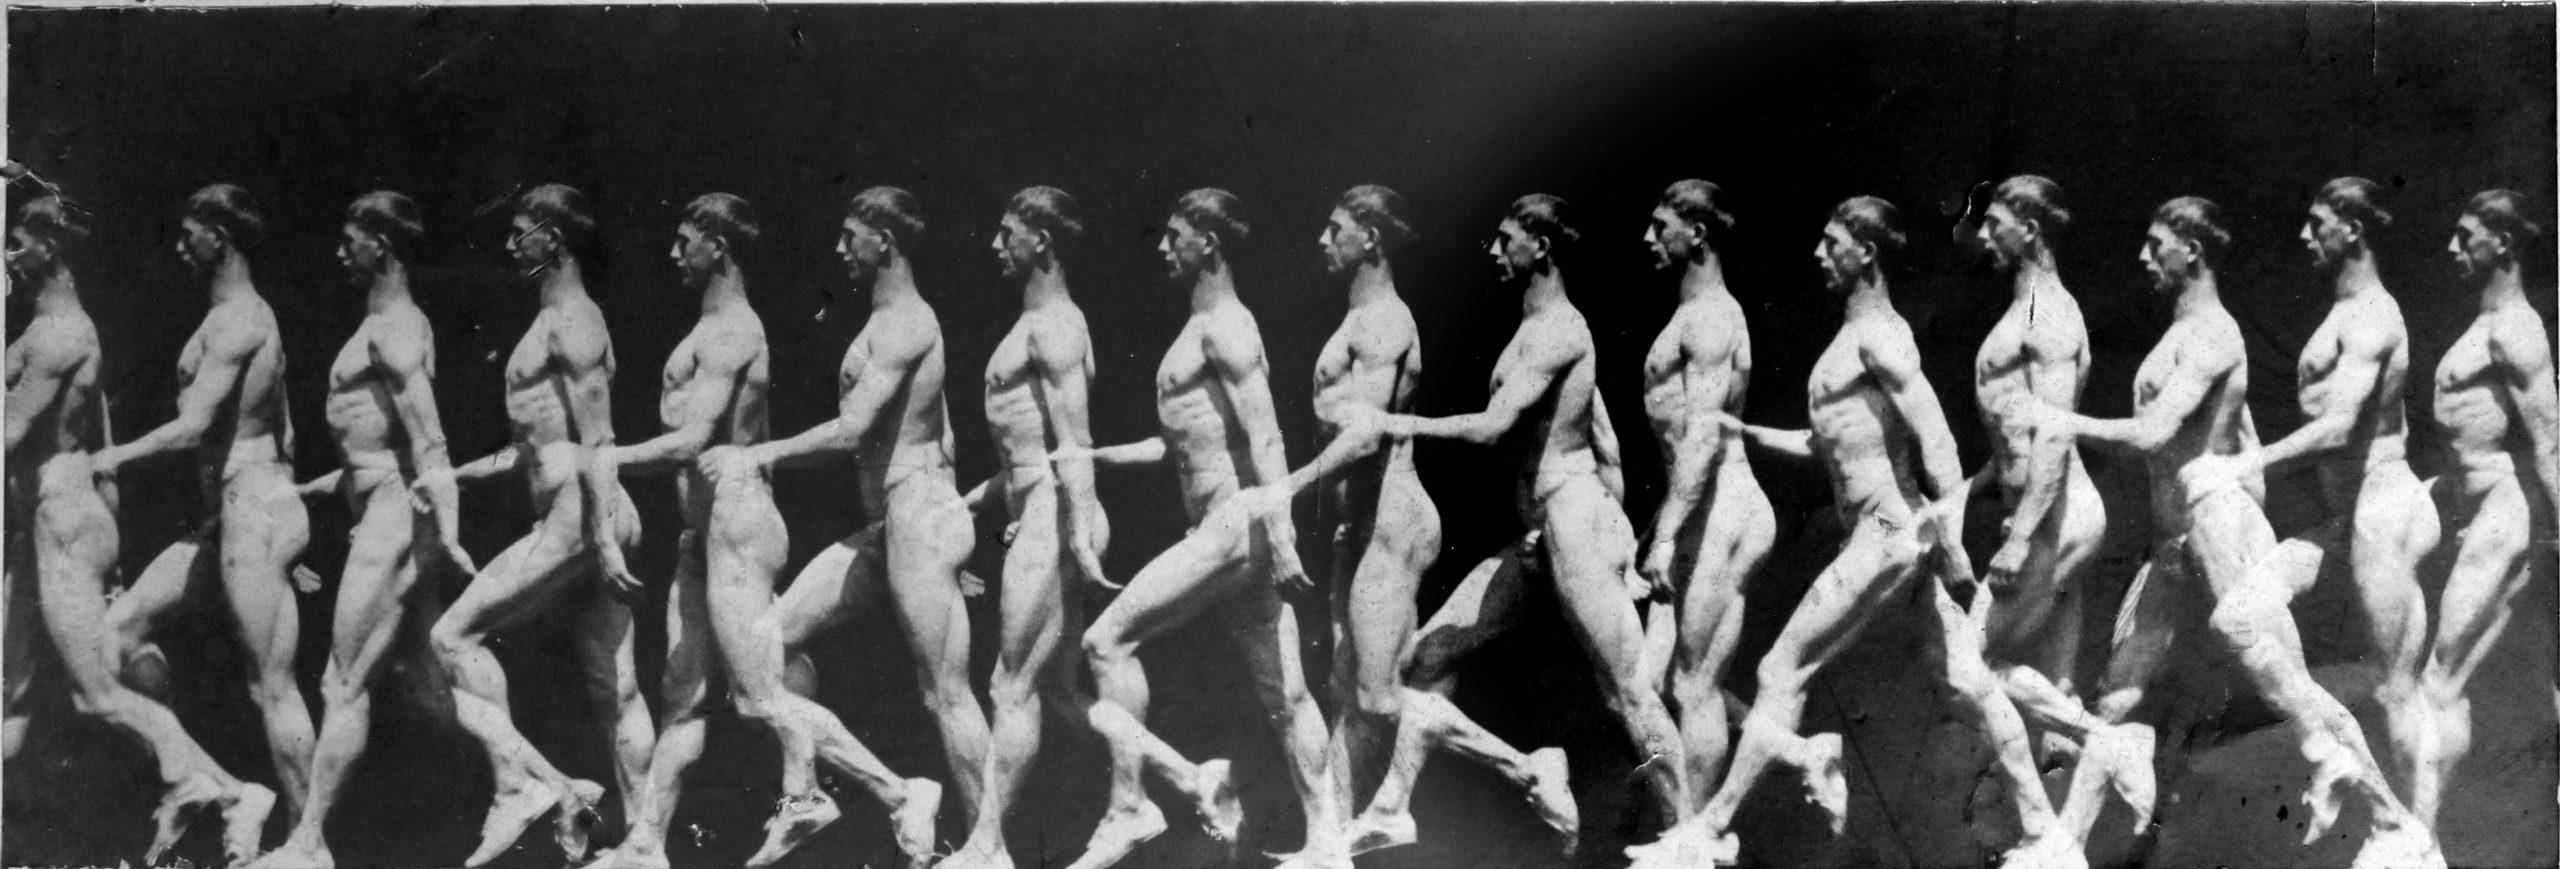 Chronophotographie d'un homme qui marche